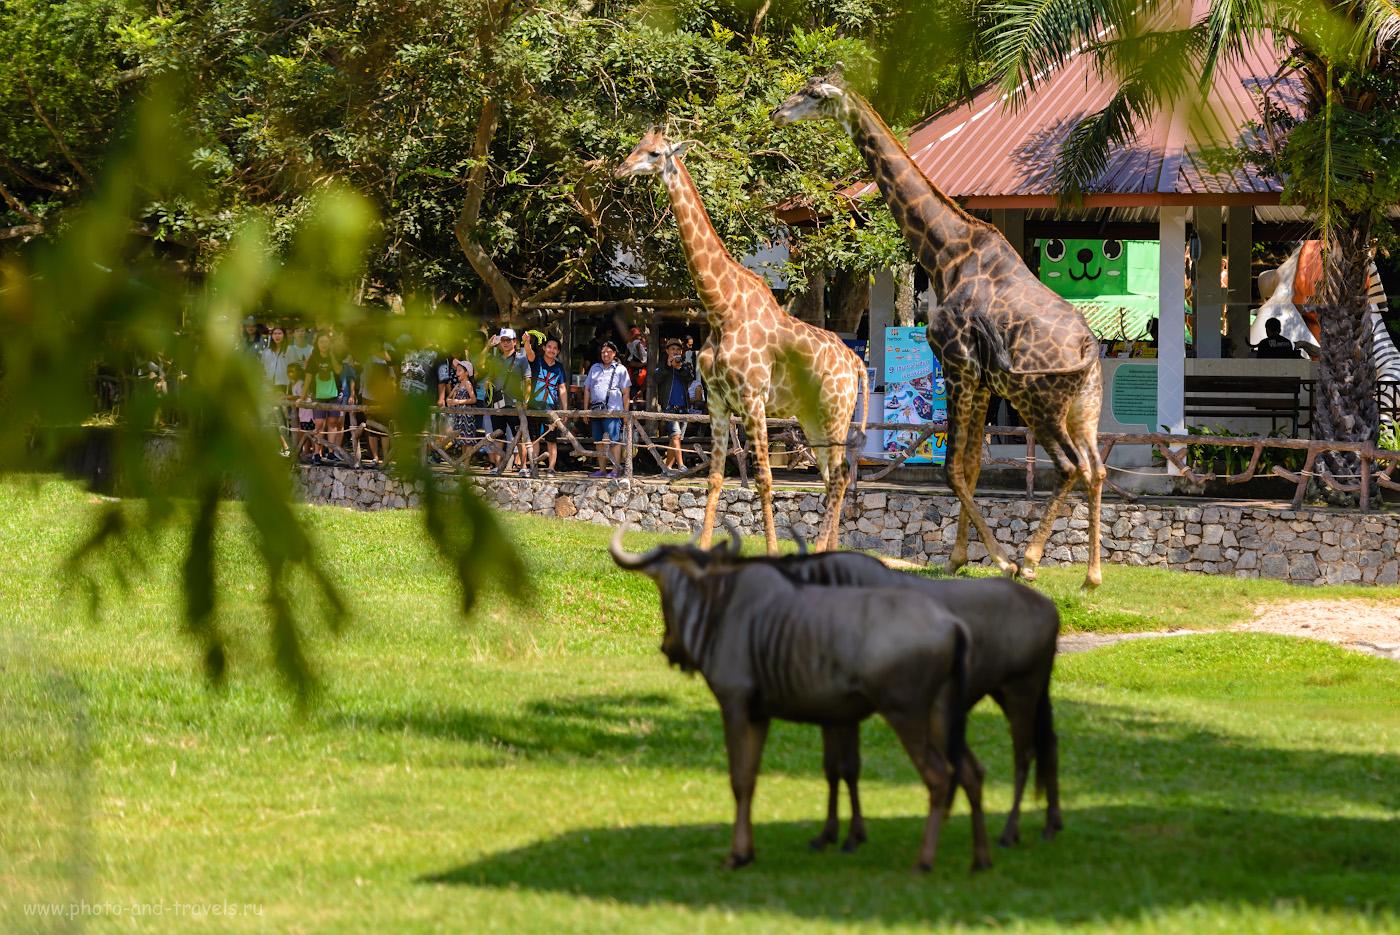 Фотография 8. Обитатели зоны «Африка» в зоопарке «Кхао Кхео». Здесь ваш ребенок сможет познакомиться с обитателями африканской саванны. 1/800, 2.8, 100, 120.